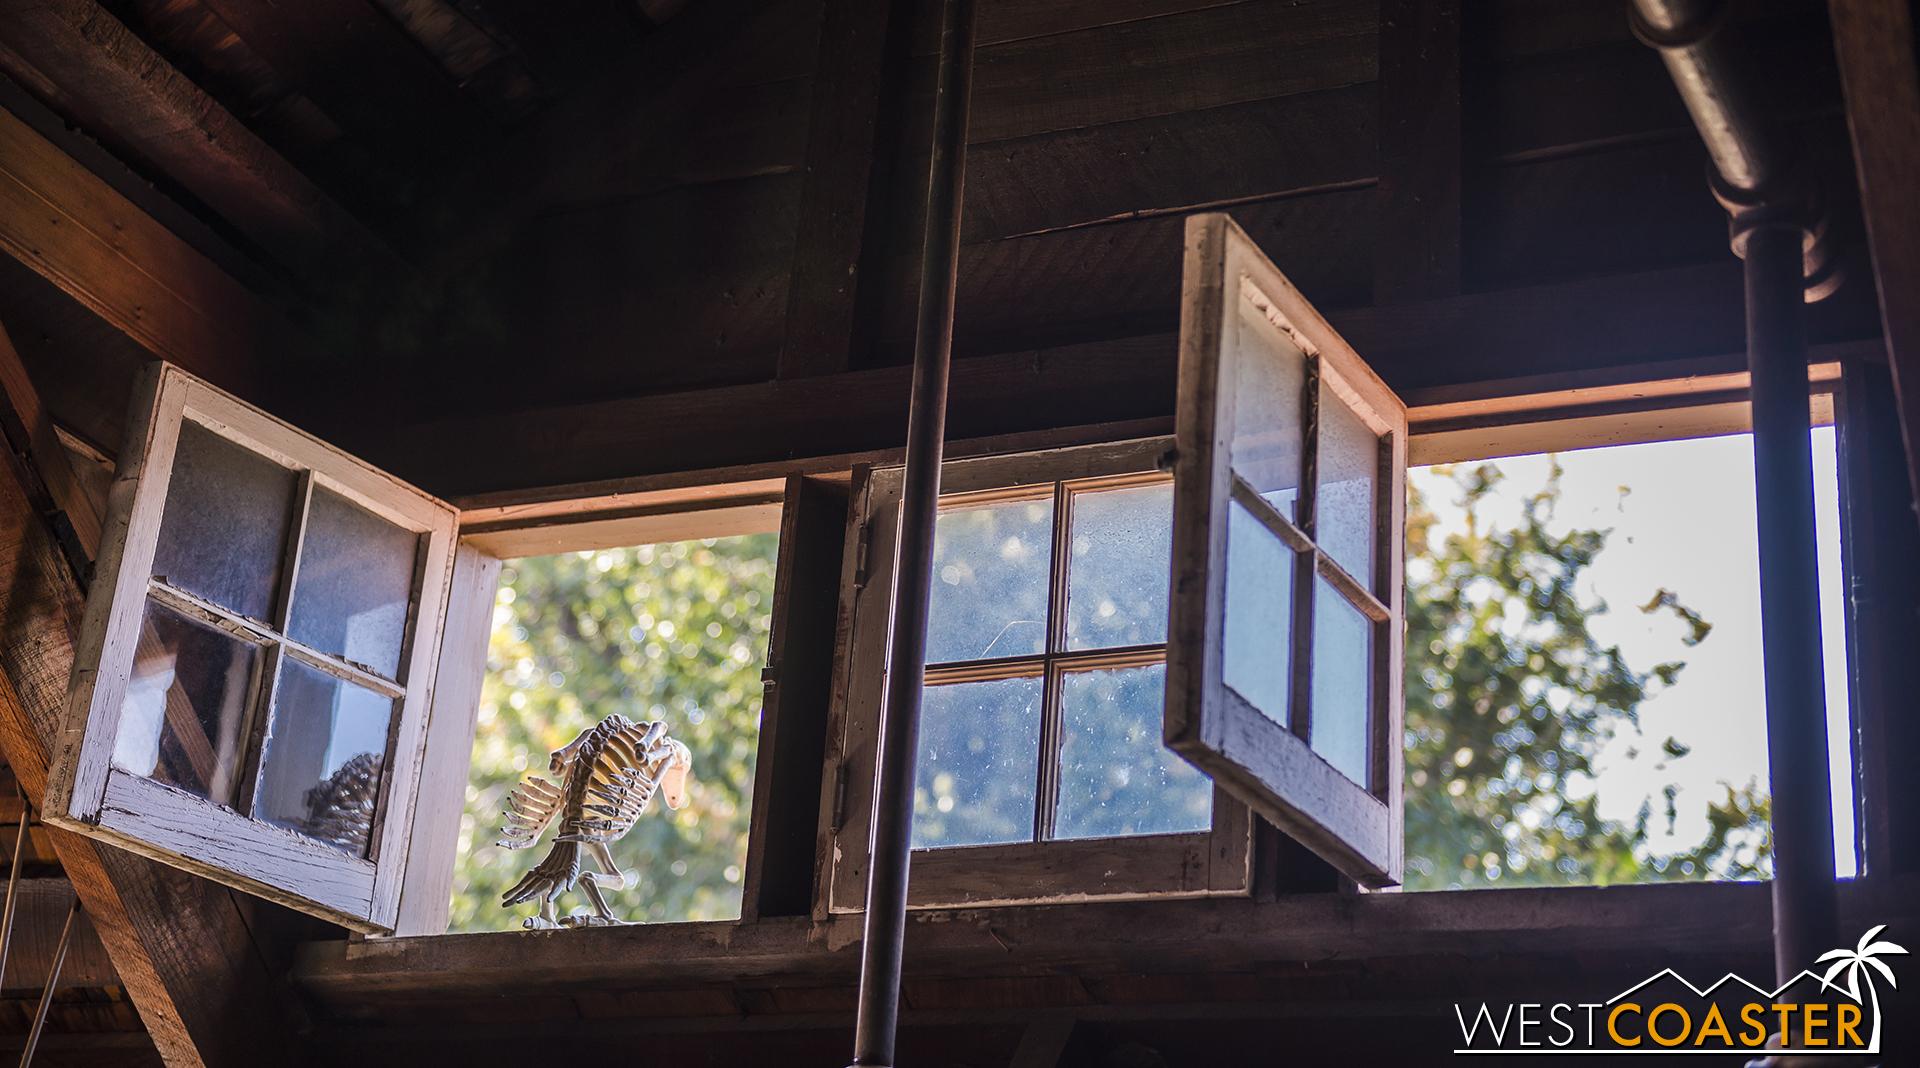 A skeletal bird perches on an open window in the loft.